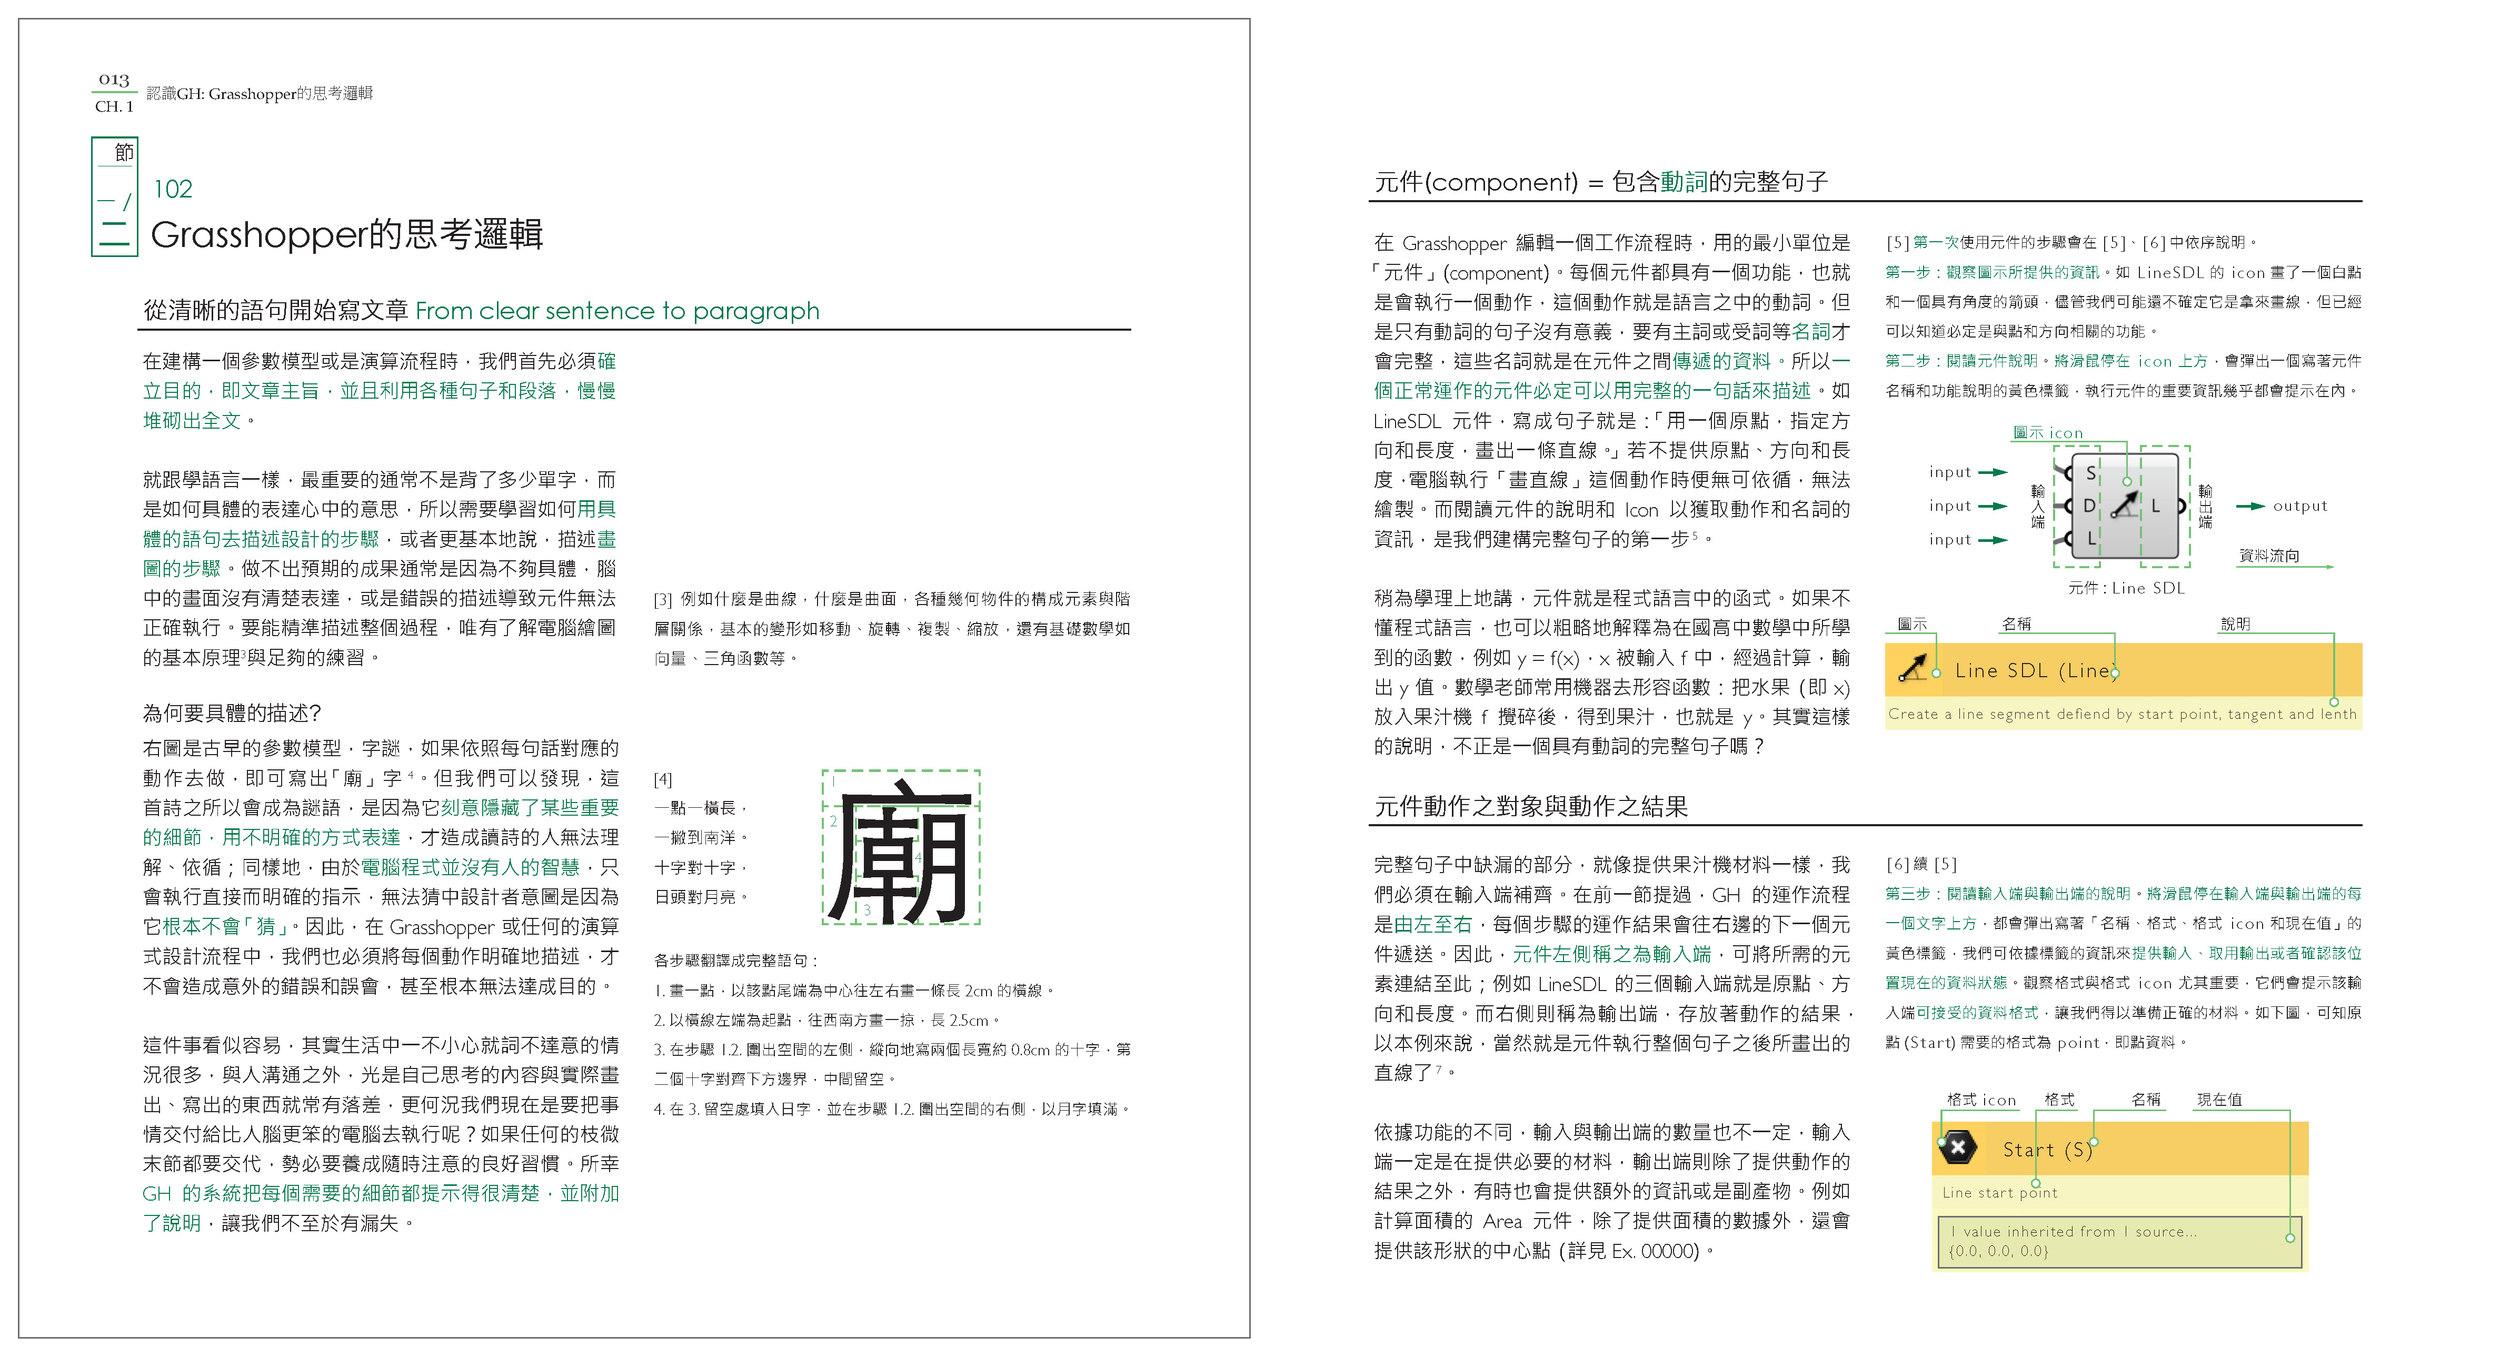 samples__Page_06.jpg